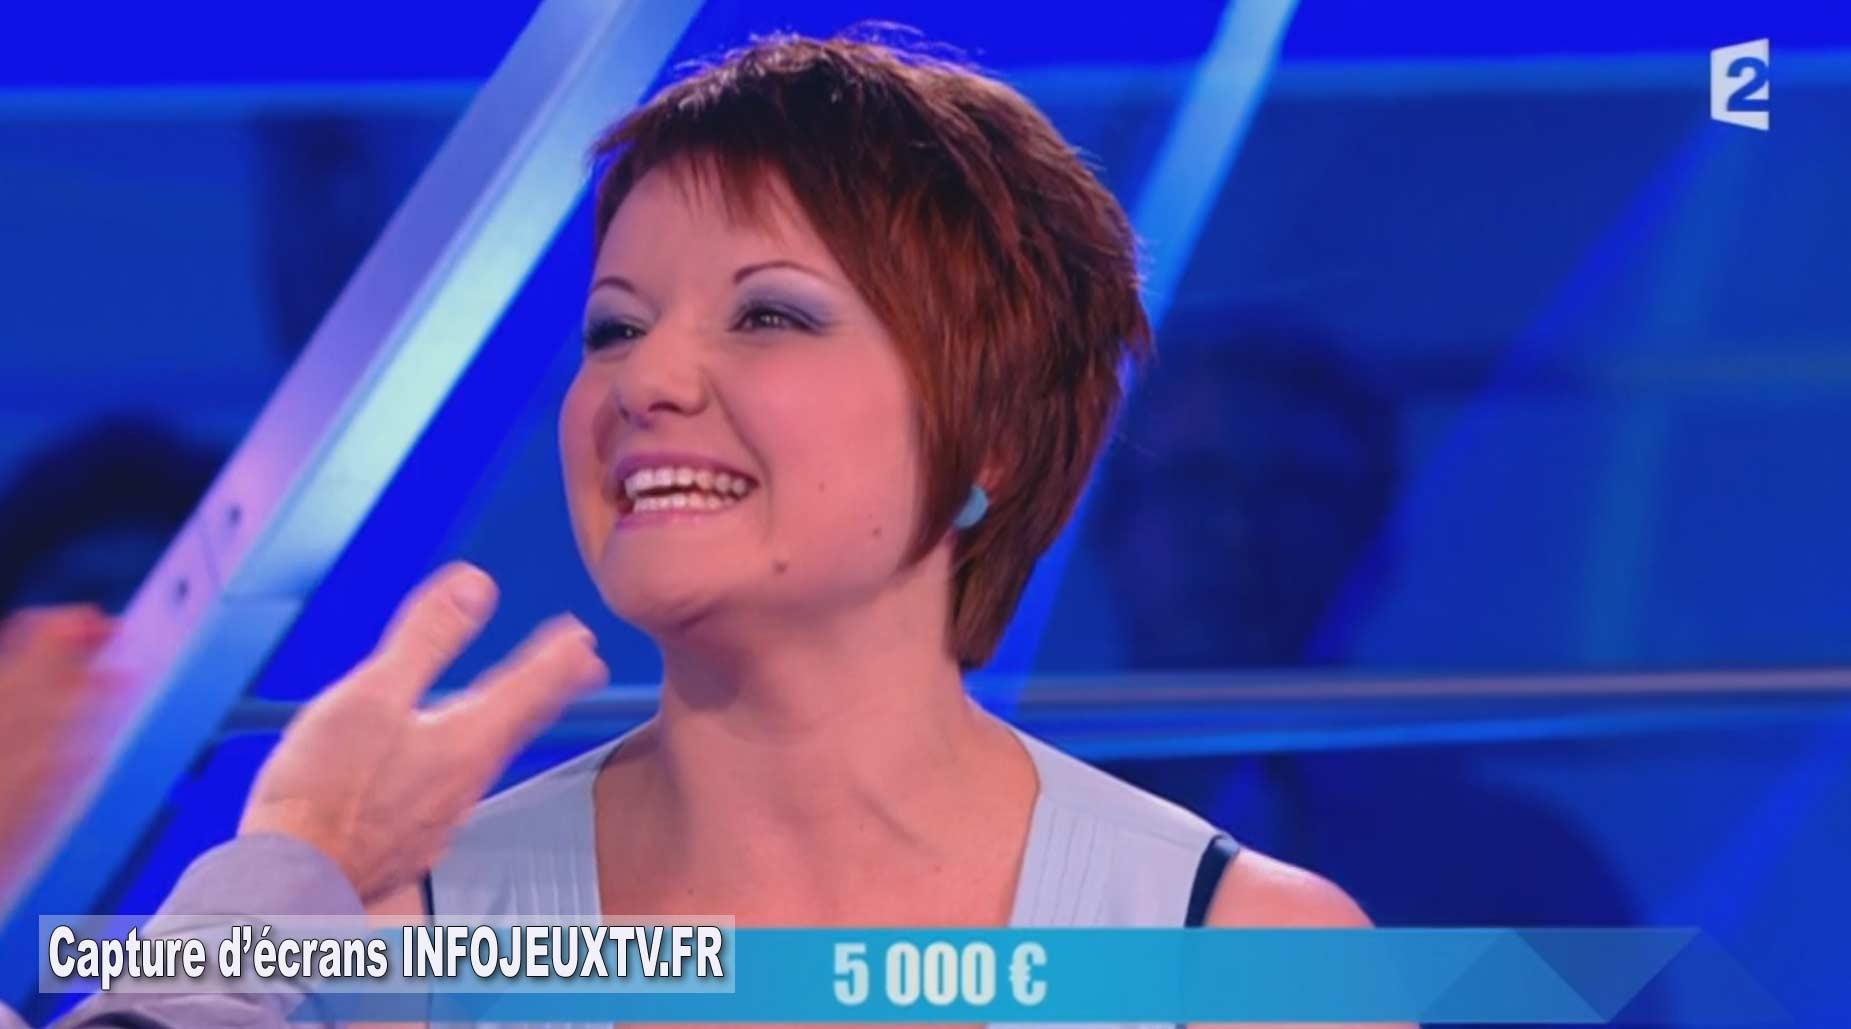 la candidate Julie gagne 5 000€ à Pyramide